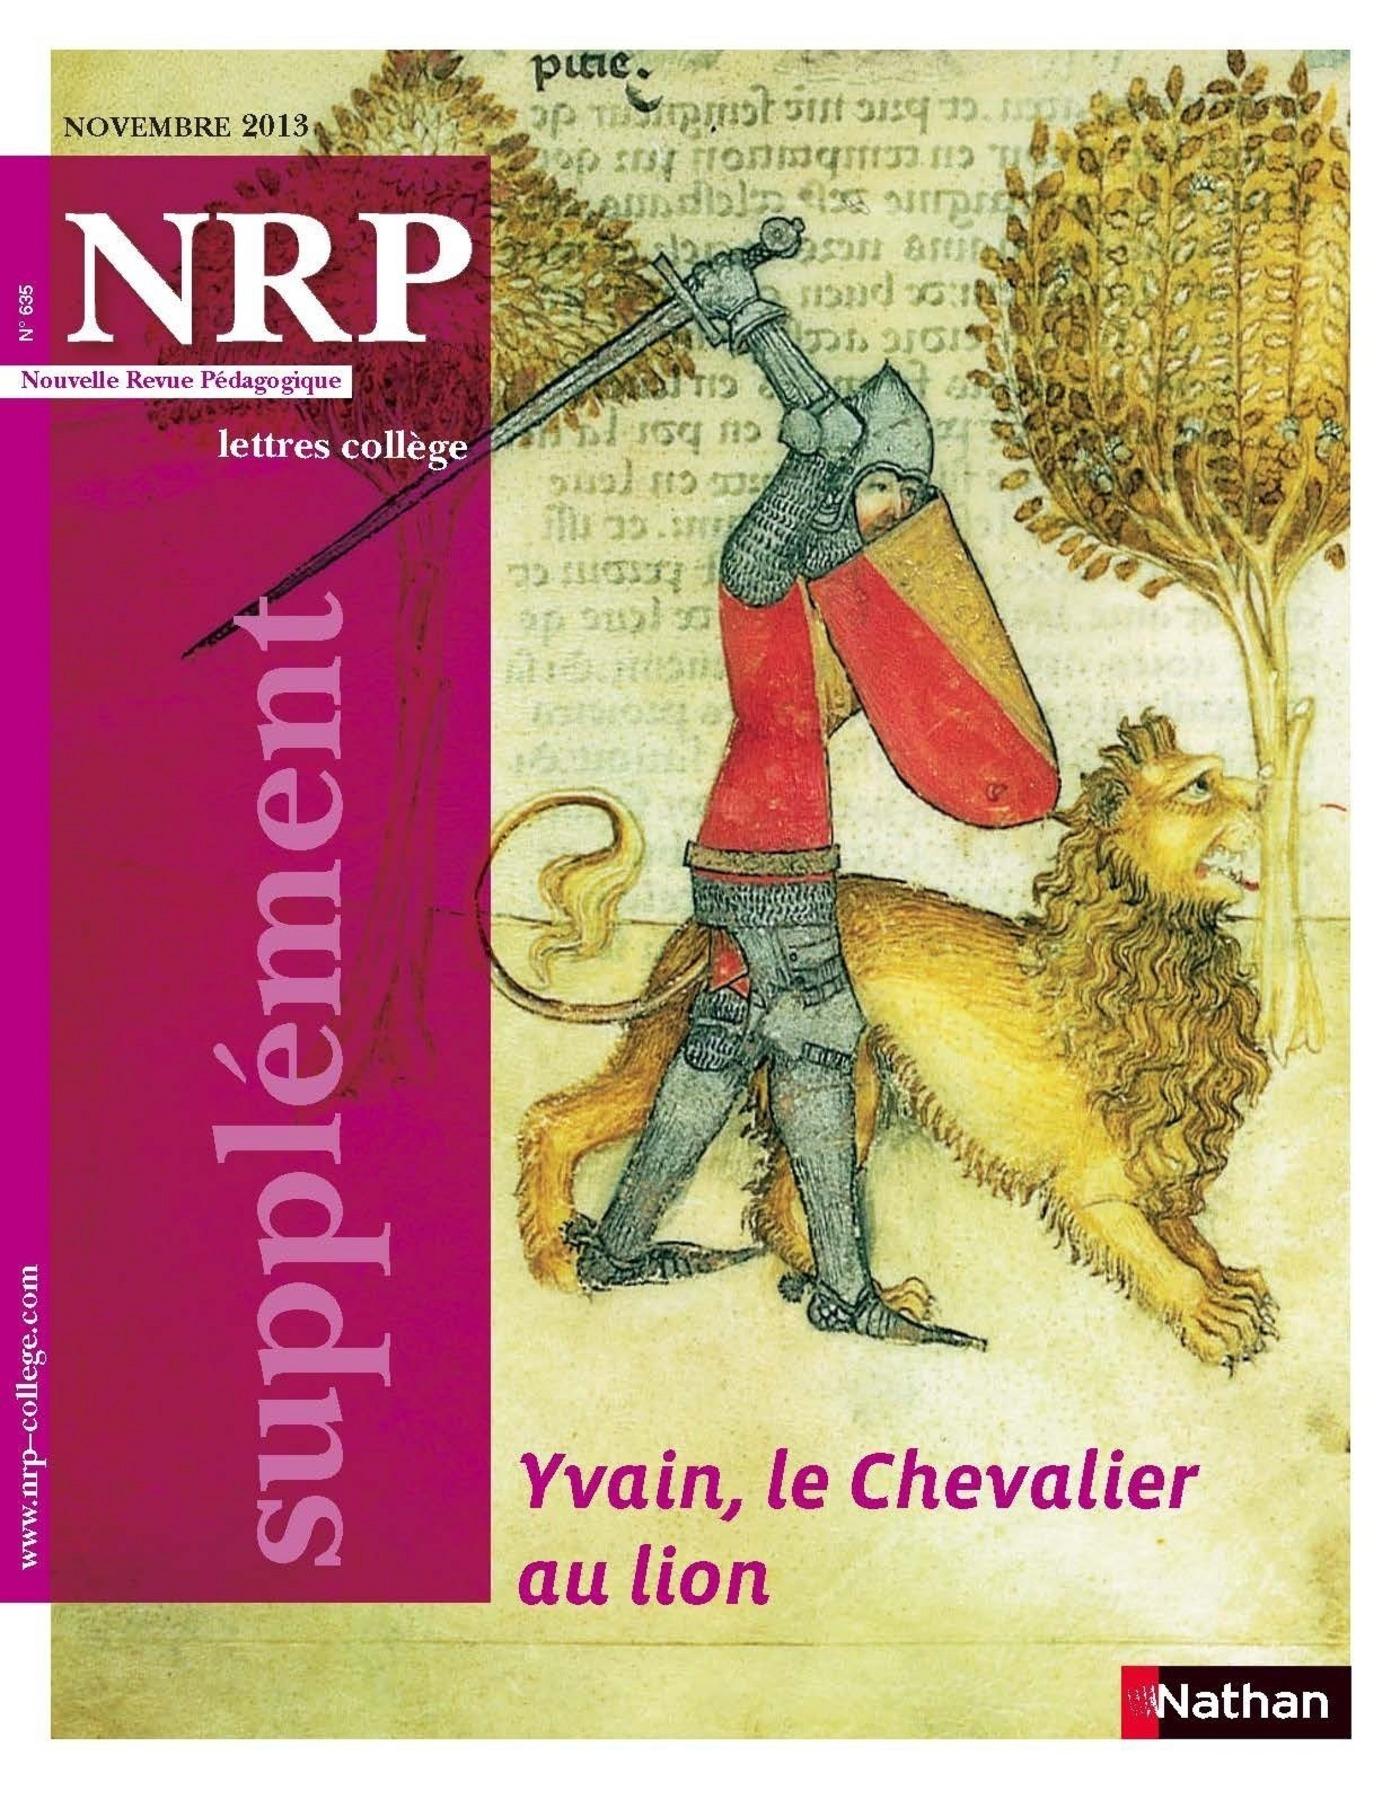 NRP Supplément Collège - Yvain, le Chevalier au lion - Novembre 2013 (Format PDF)